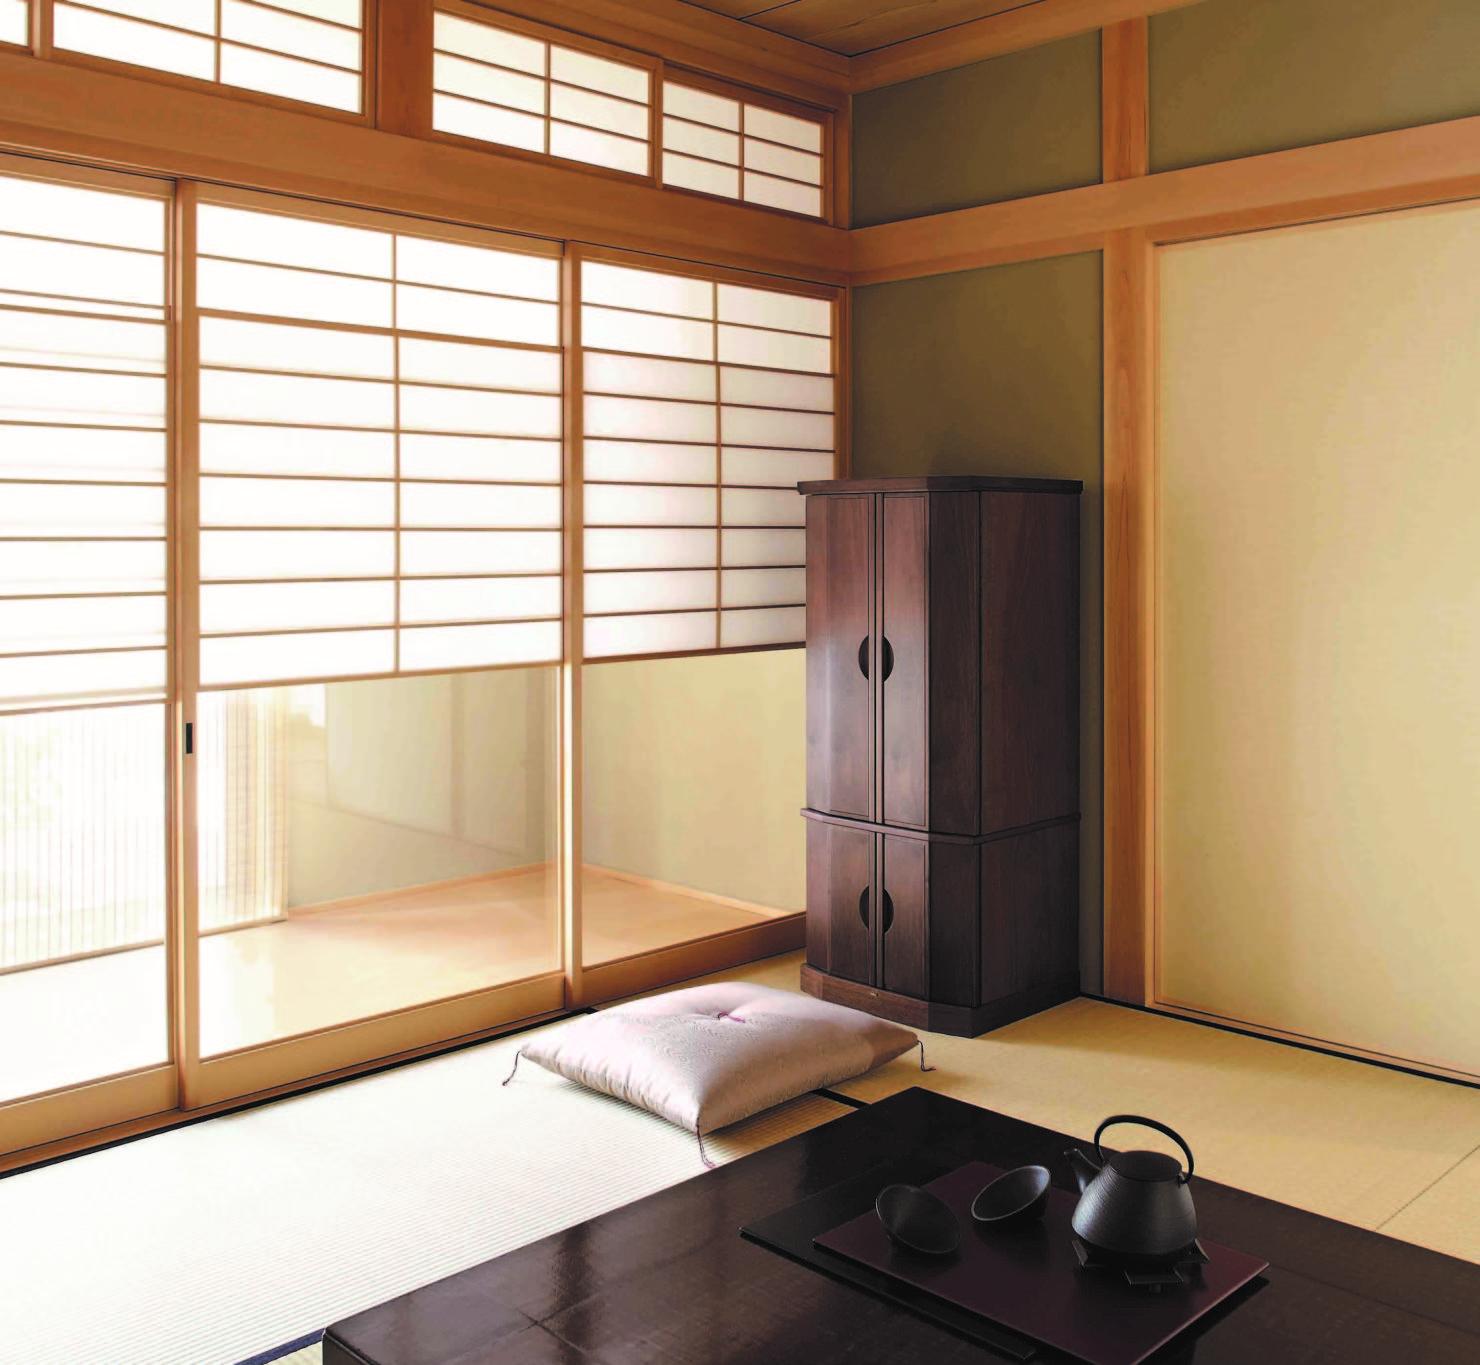 和室に似合う現代仏壇「メヌエット1300」京都の老舗仏壇店が紹介する現代仏壇の魅力